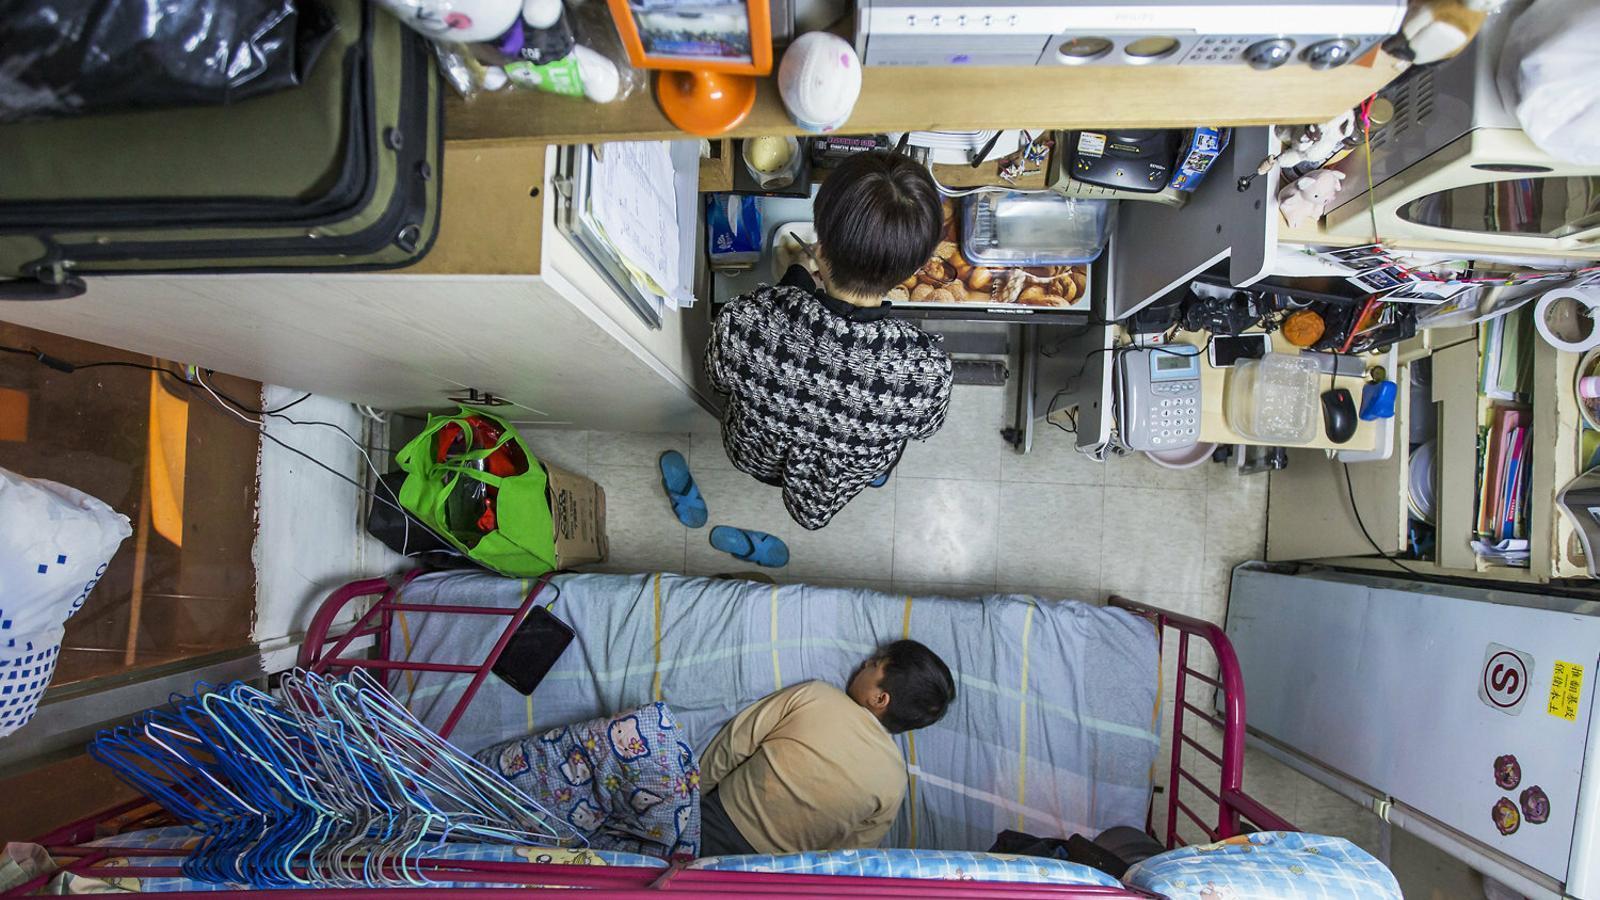 Pisos diminuts i llargues jornades laborals, les altres causes de les protestes a Hong Kong